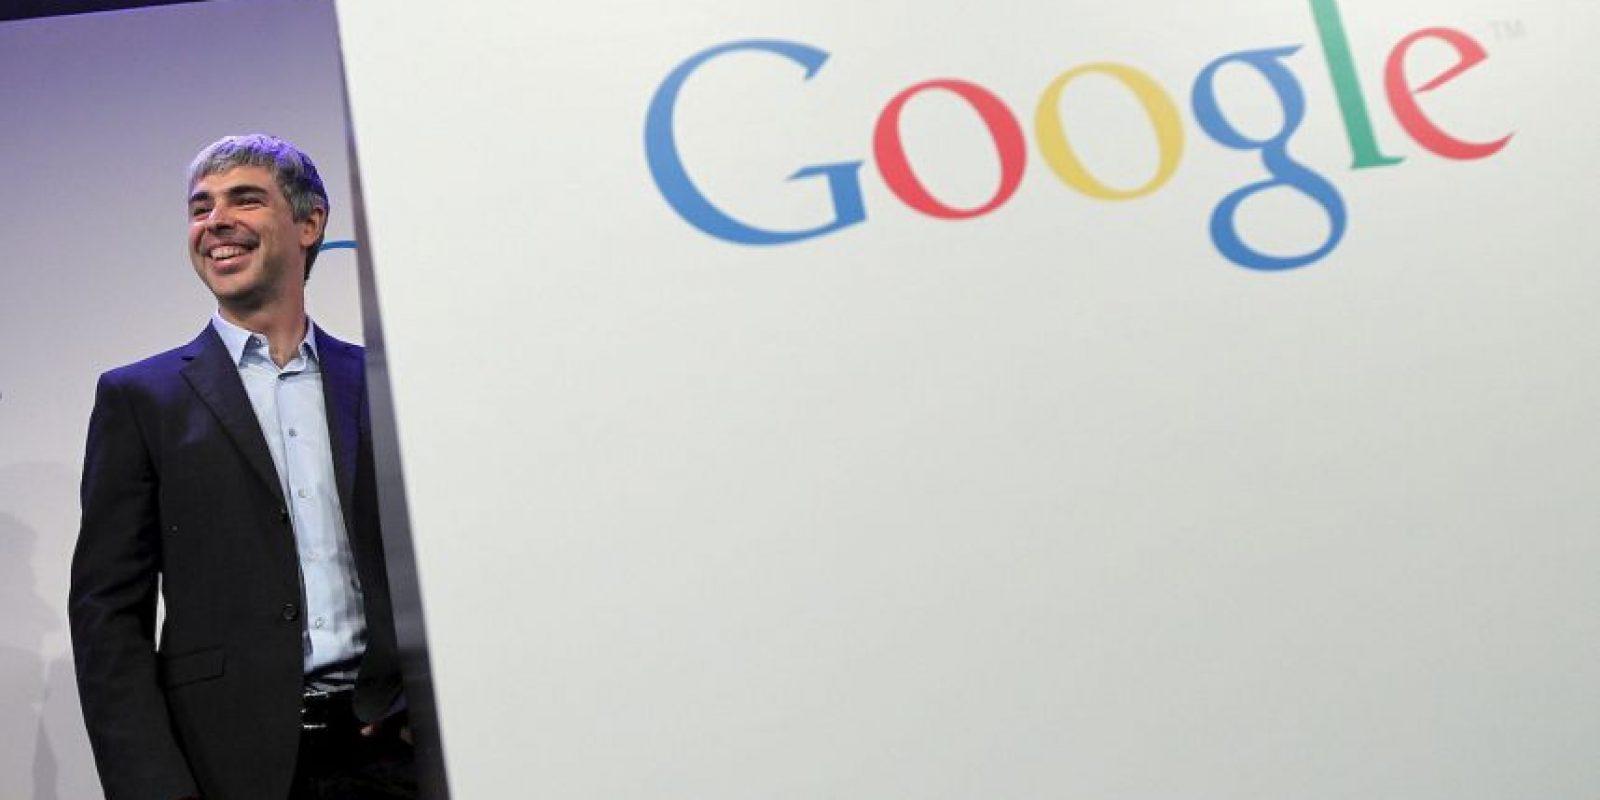 El gigante Google no podía quedar fuera. Larry Page, uno de los fundadores y líder de la empresa, cuenta con un patrimonio de 29 mil 700 millones de dólares. Foto:Getty Images